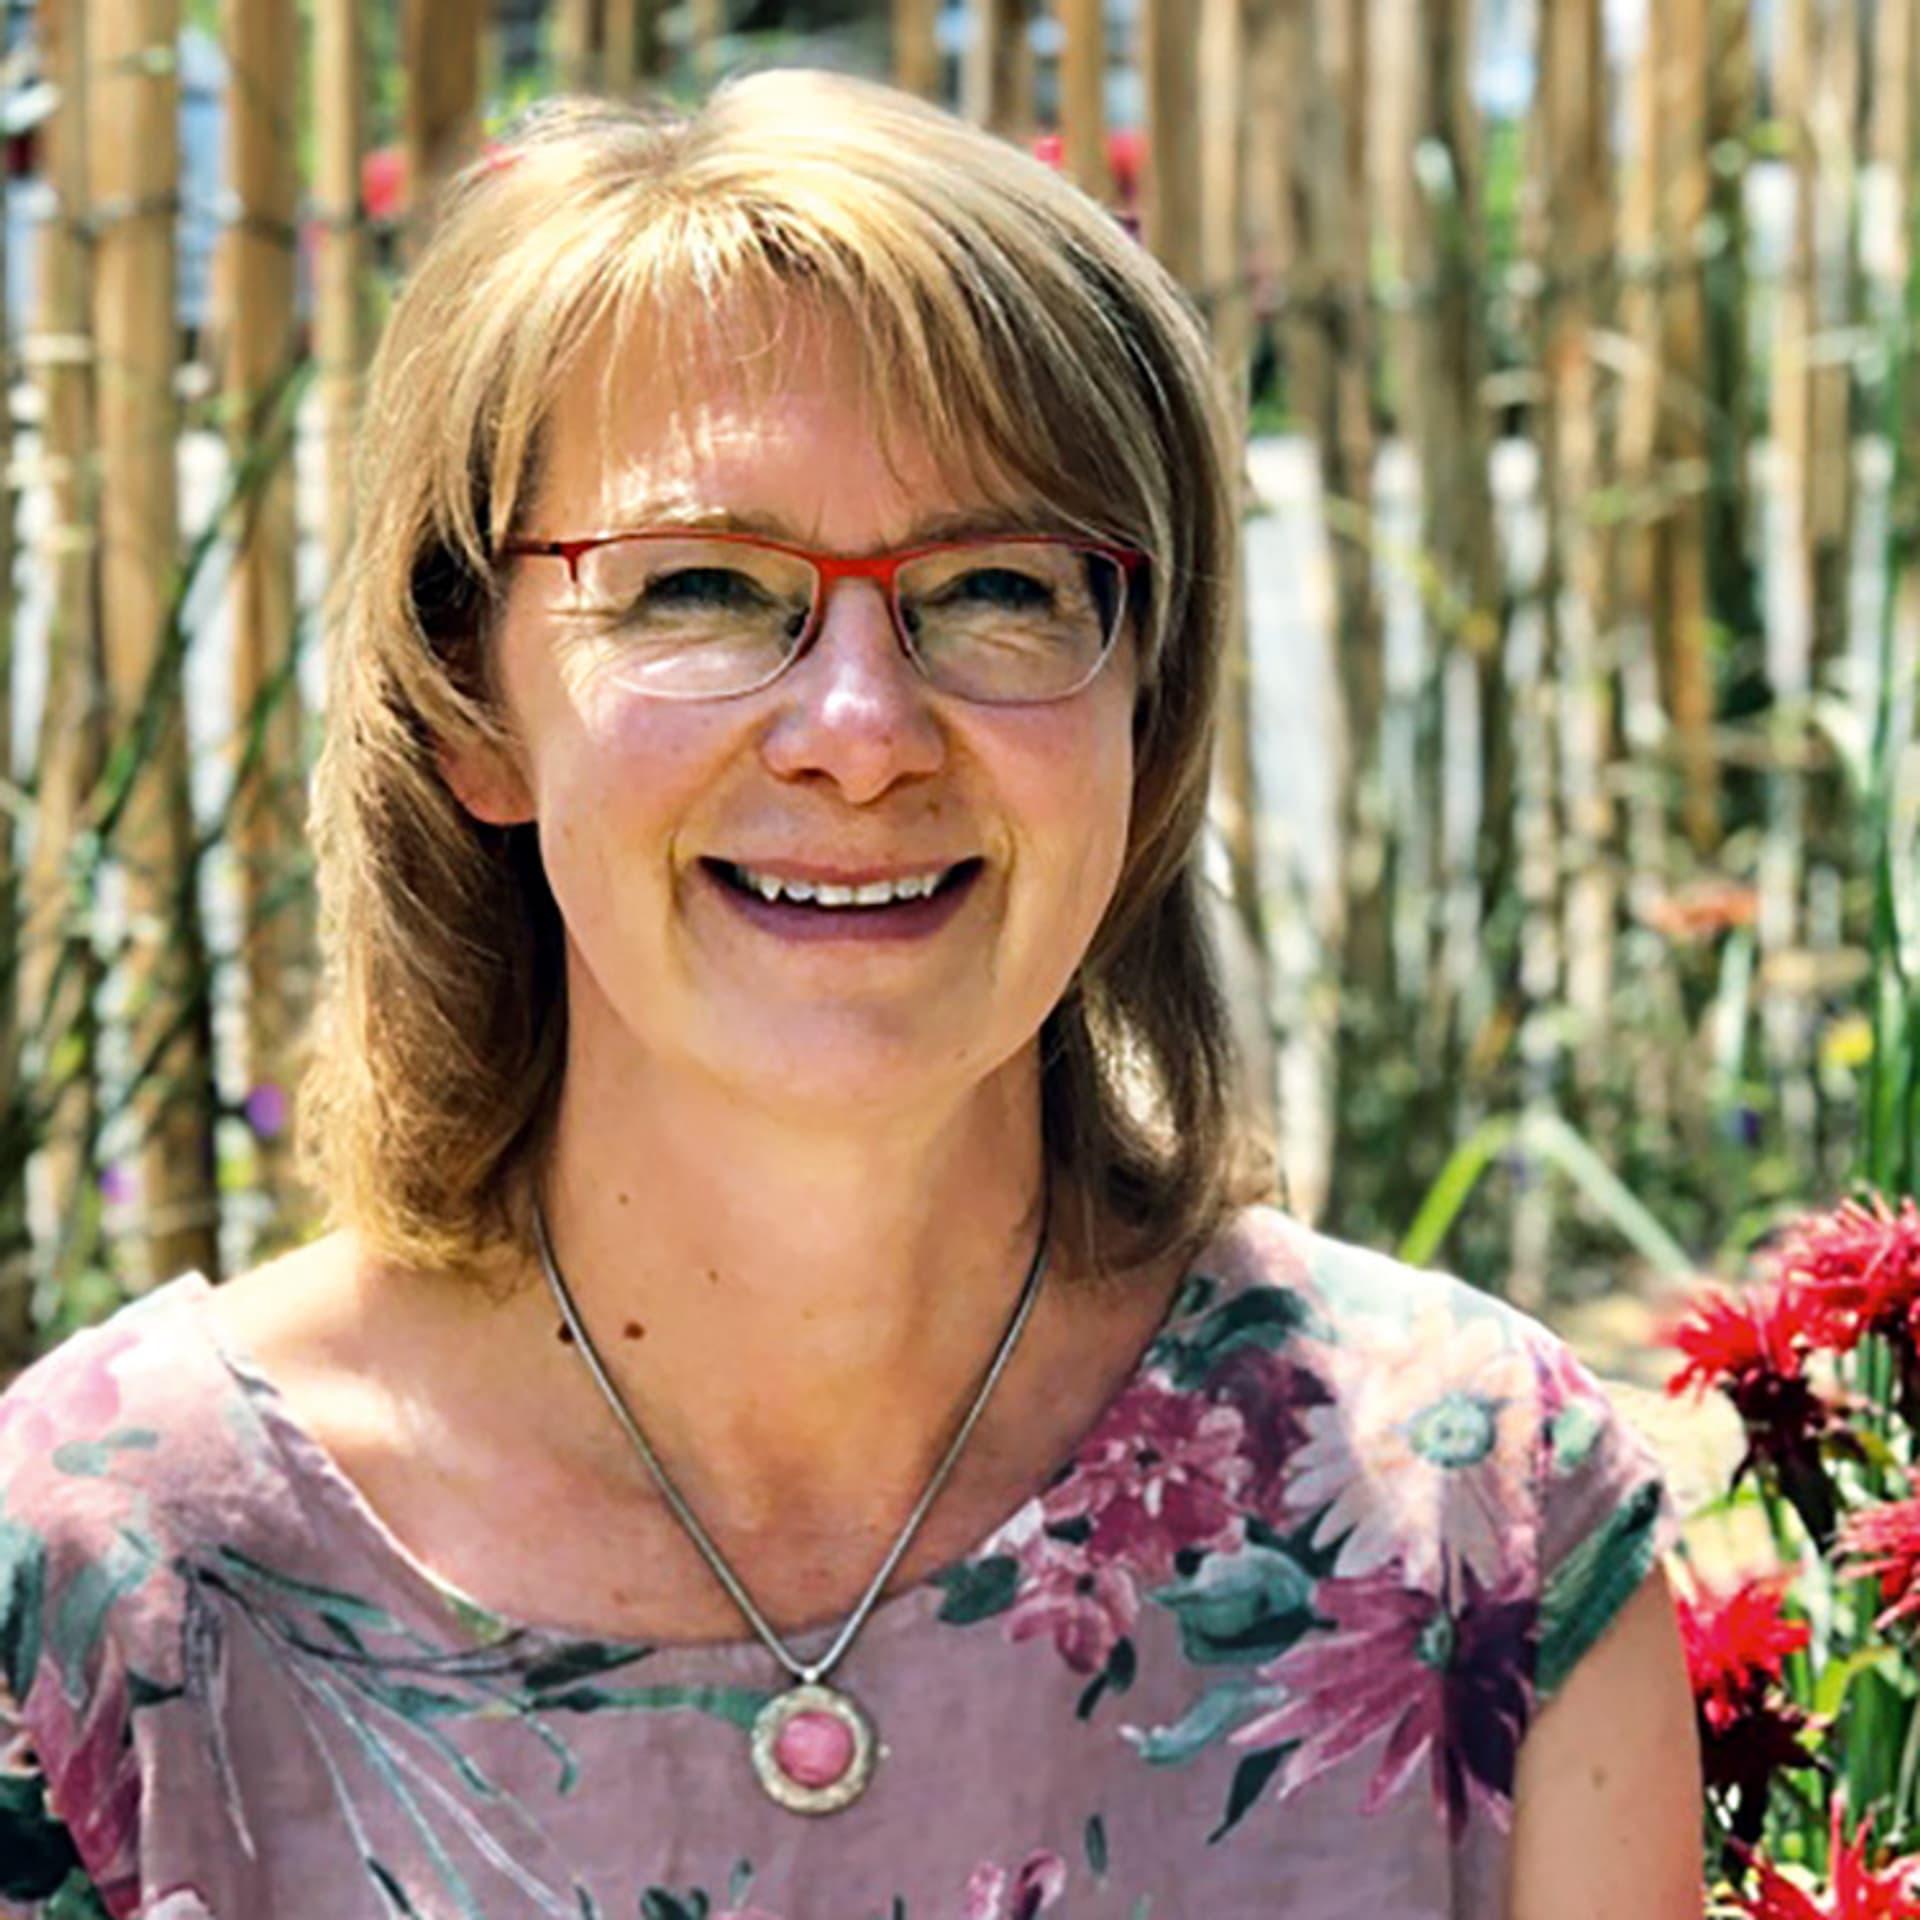 Gabi Lorenz